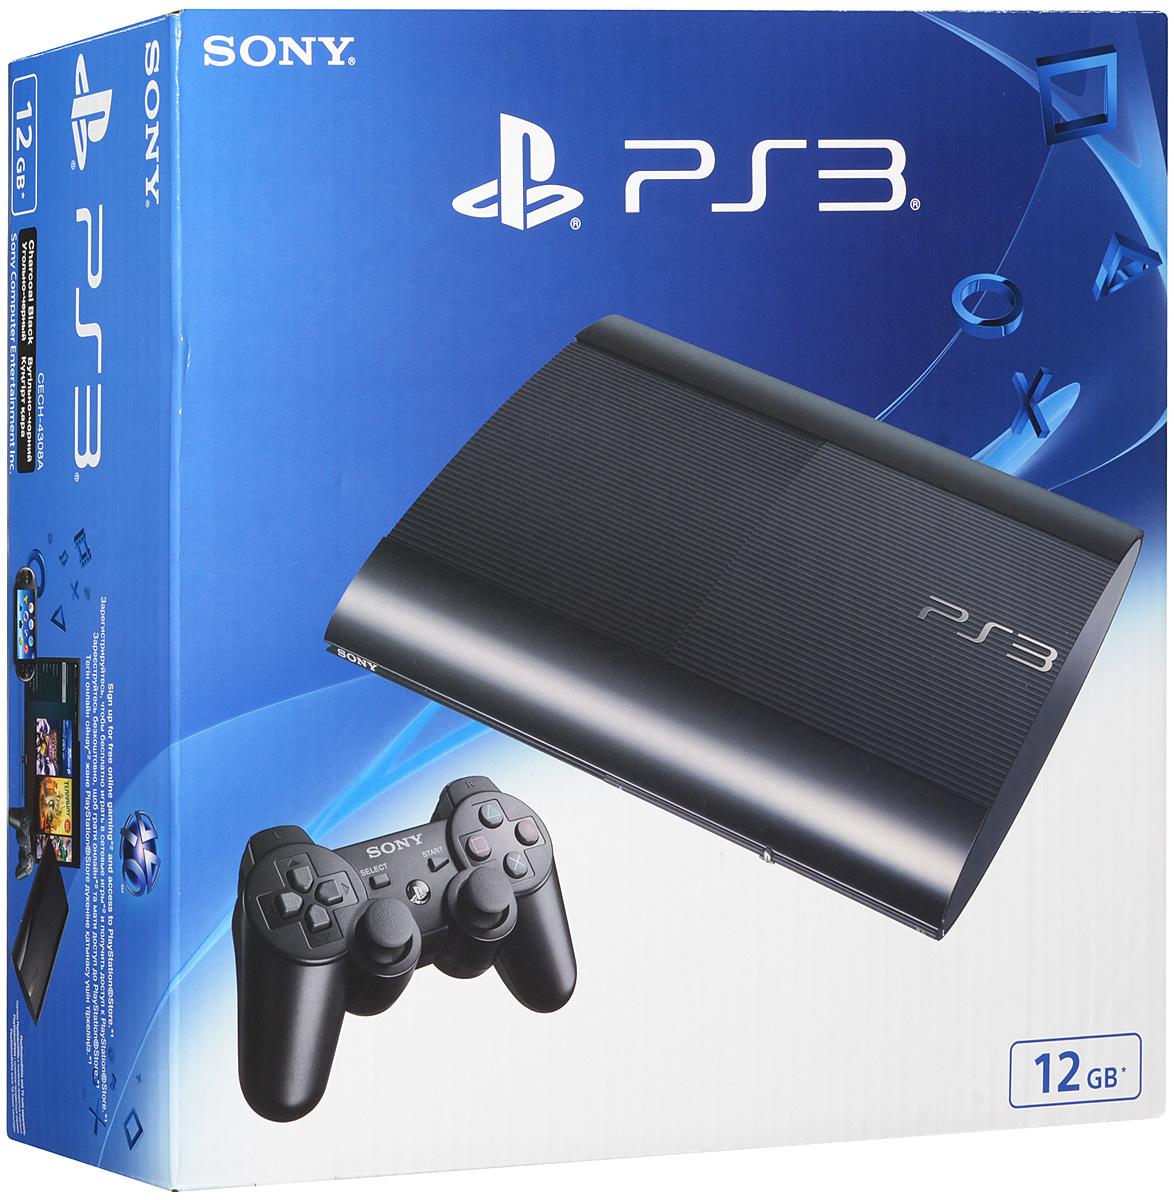 Игровая приставка Sony PlayStation 3 Super Slim (12GB) + игра